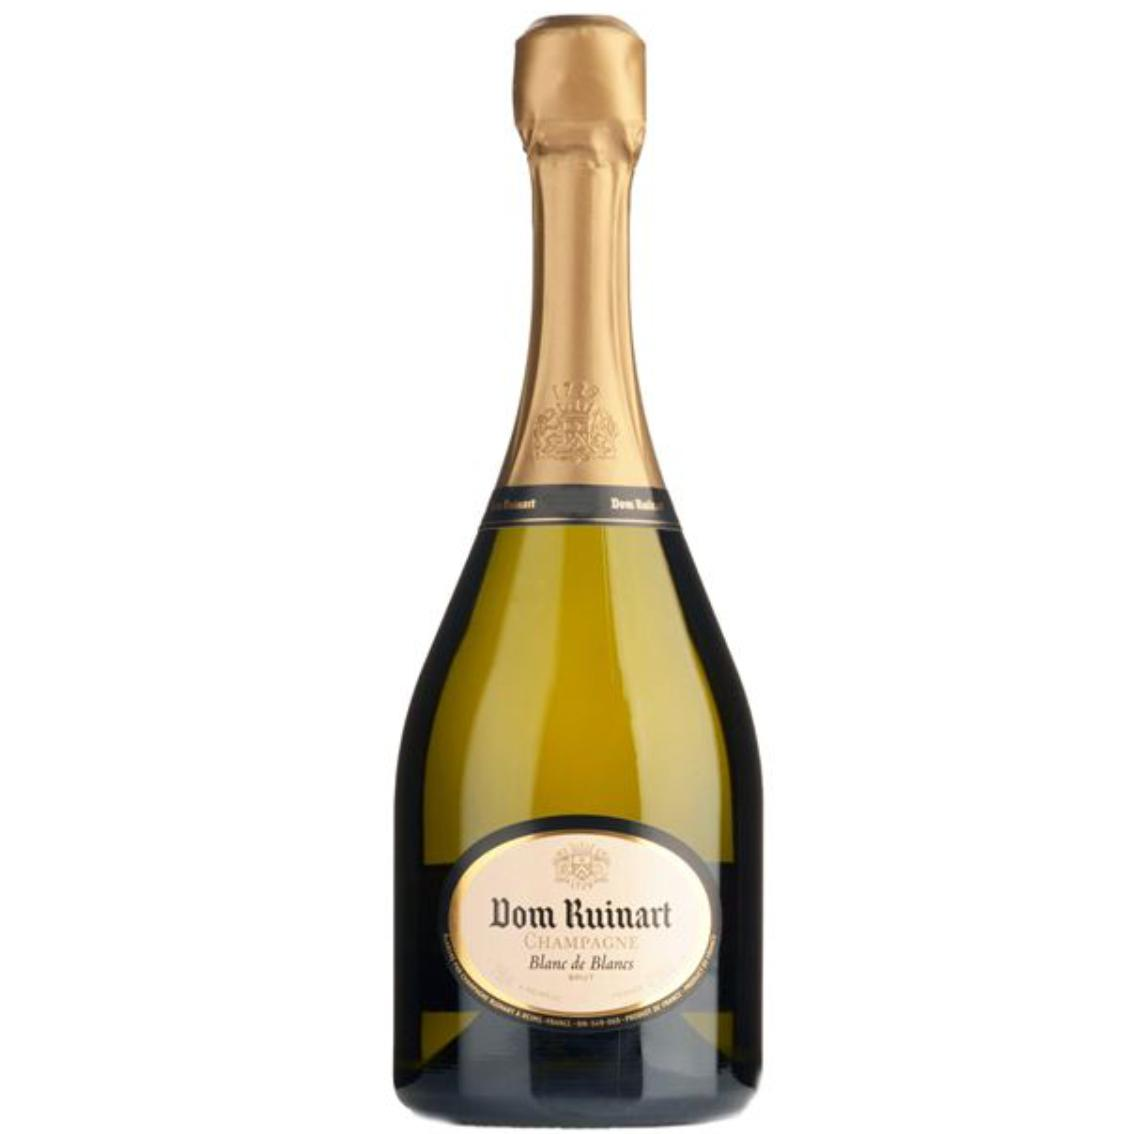 2009 Dom Ruinart - Champagne